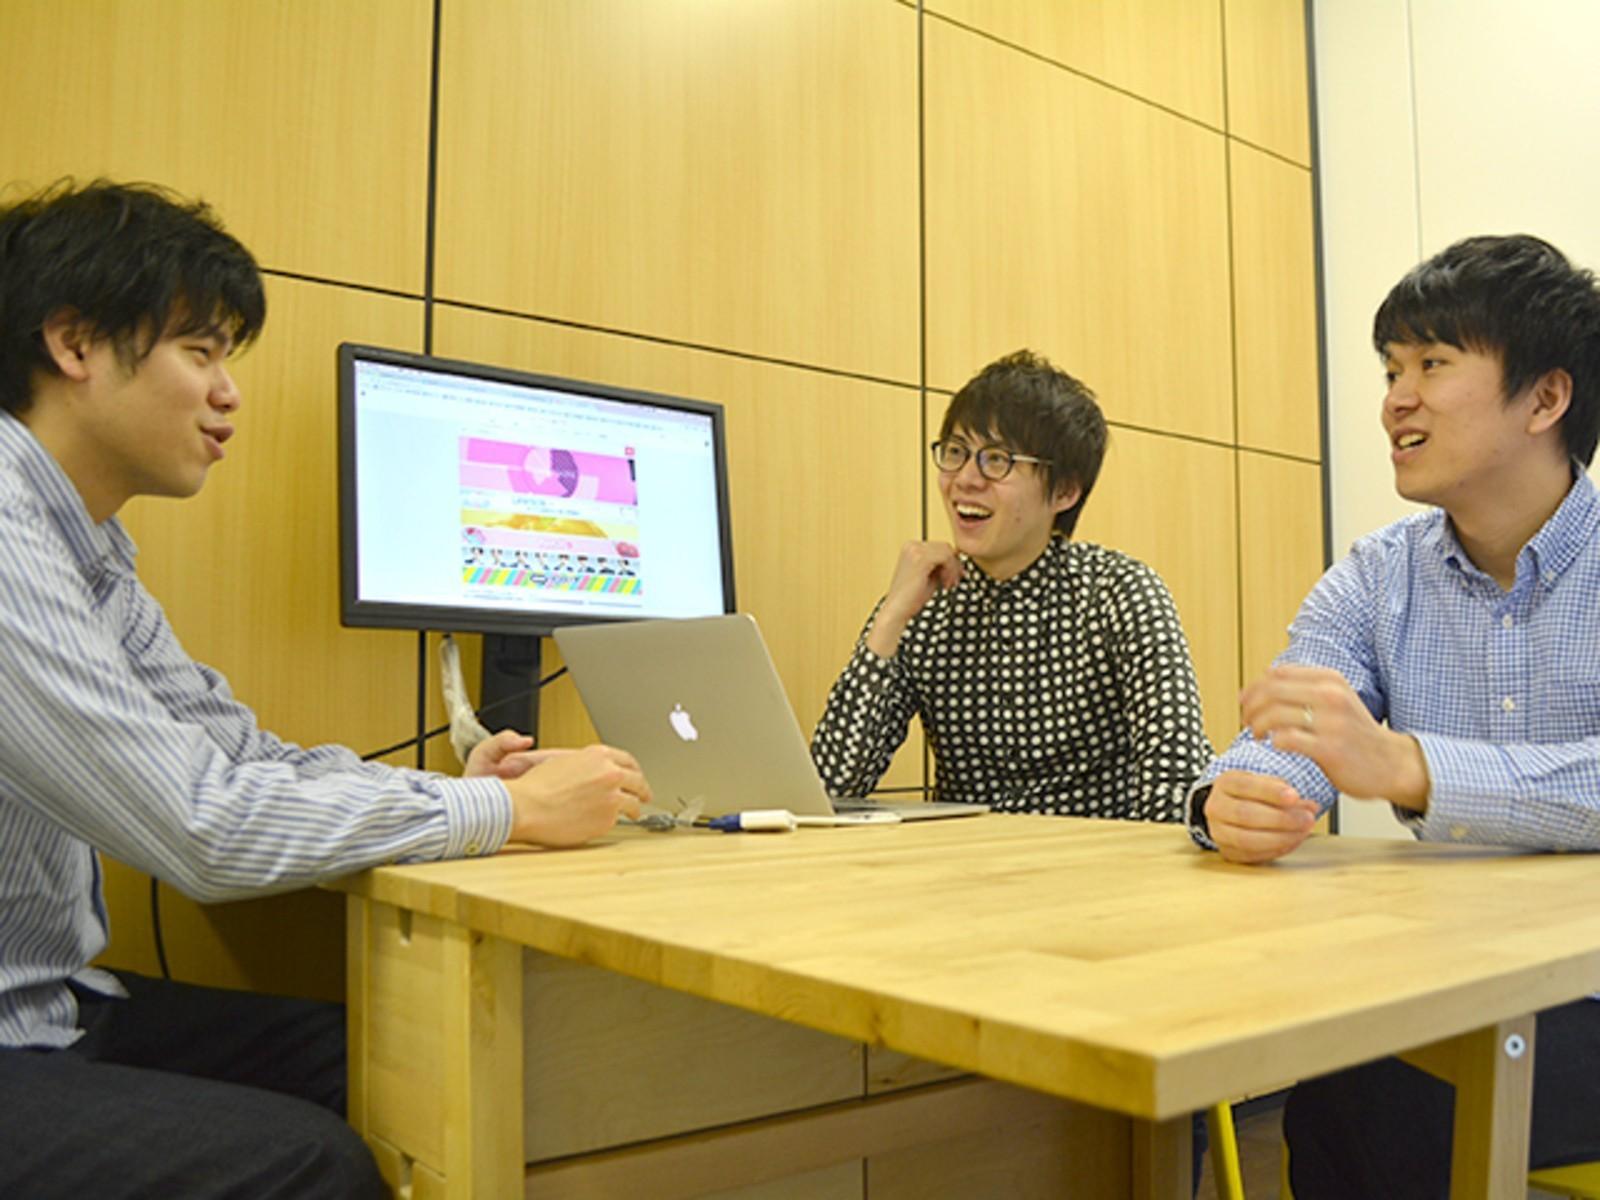 国内最大級のGIFアニメクリエーターのためのプラットフォームを開発するiOSアプリエンジニアを募集!